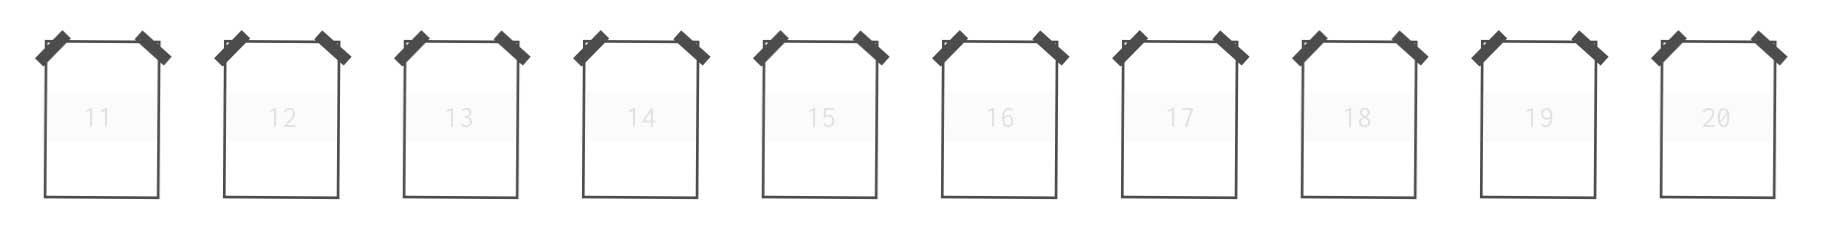 10x3-Outline-B.jpg